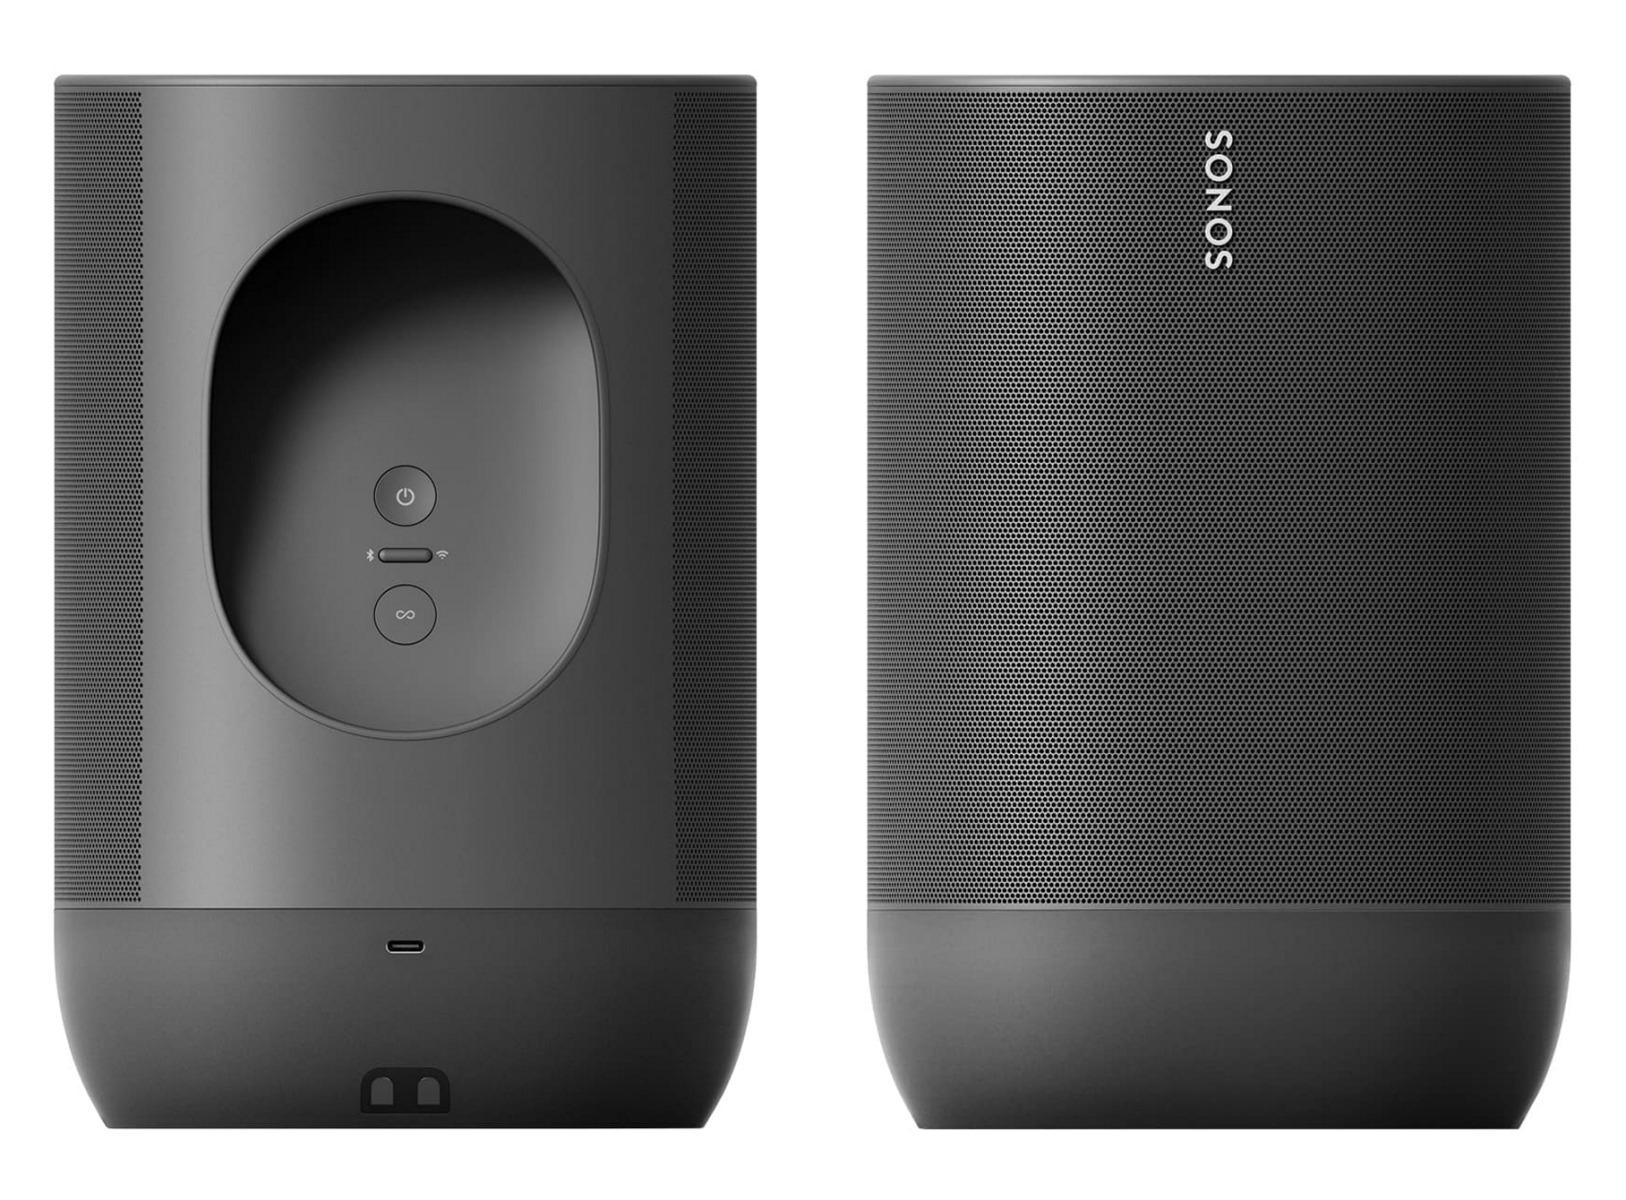 Move: Mehr Bilder und Details zum ersten portablen Sonos-Lautsprecher mit Bluetooth